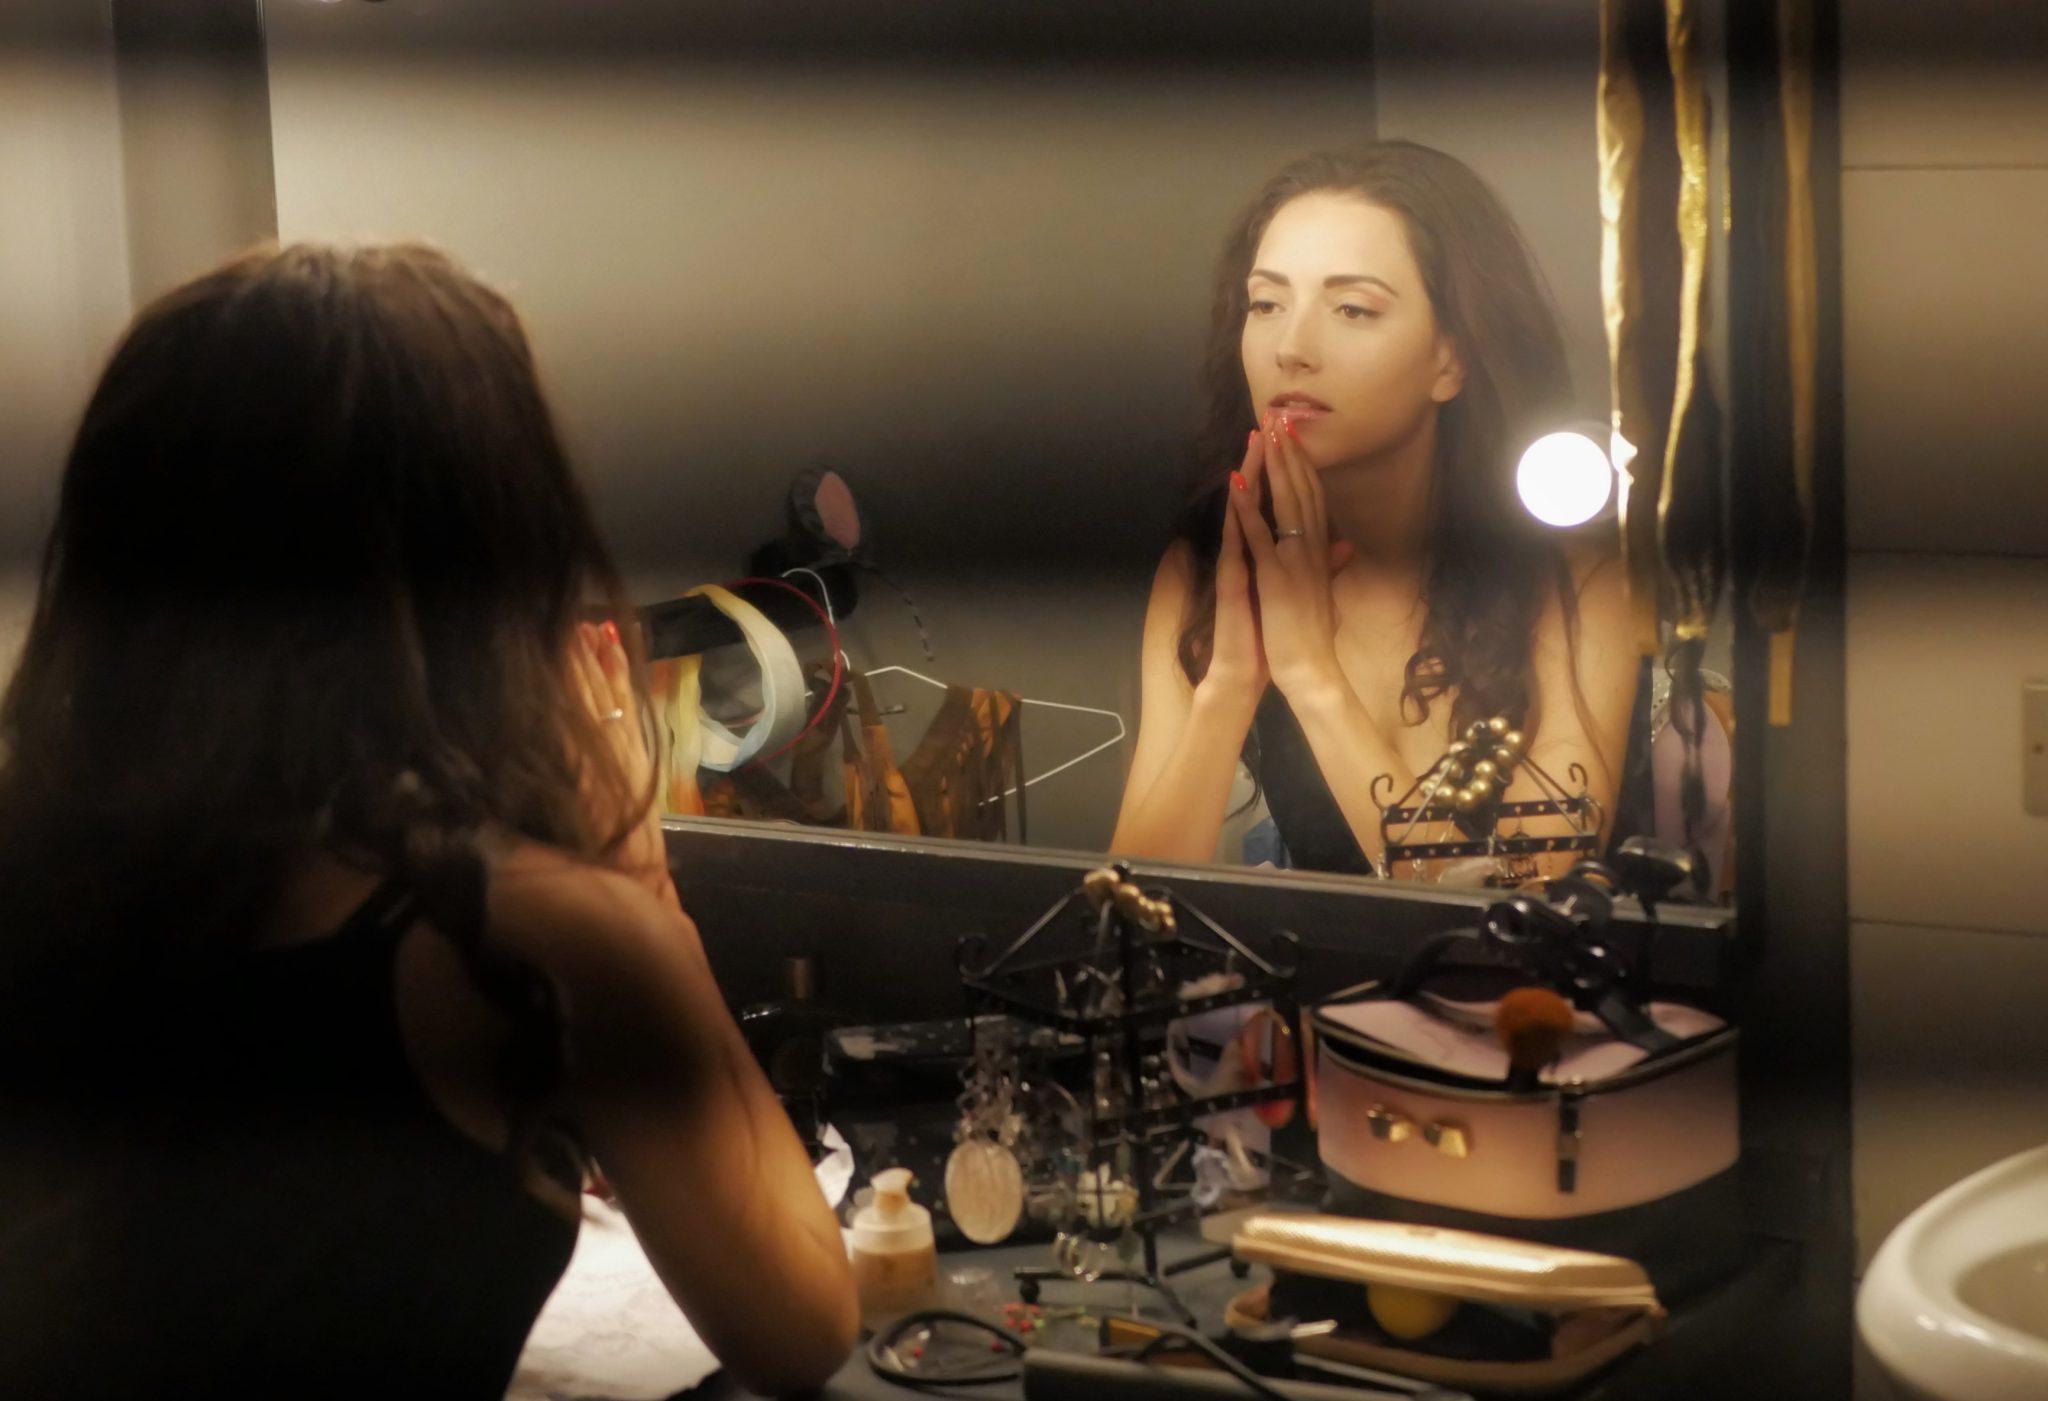 Professione attrice: una donna si trucca prima di andare in scena